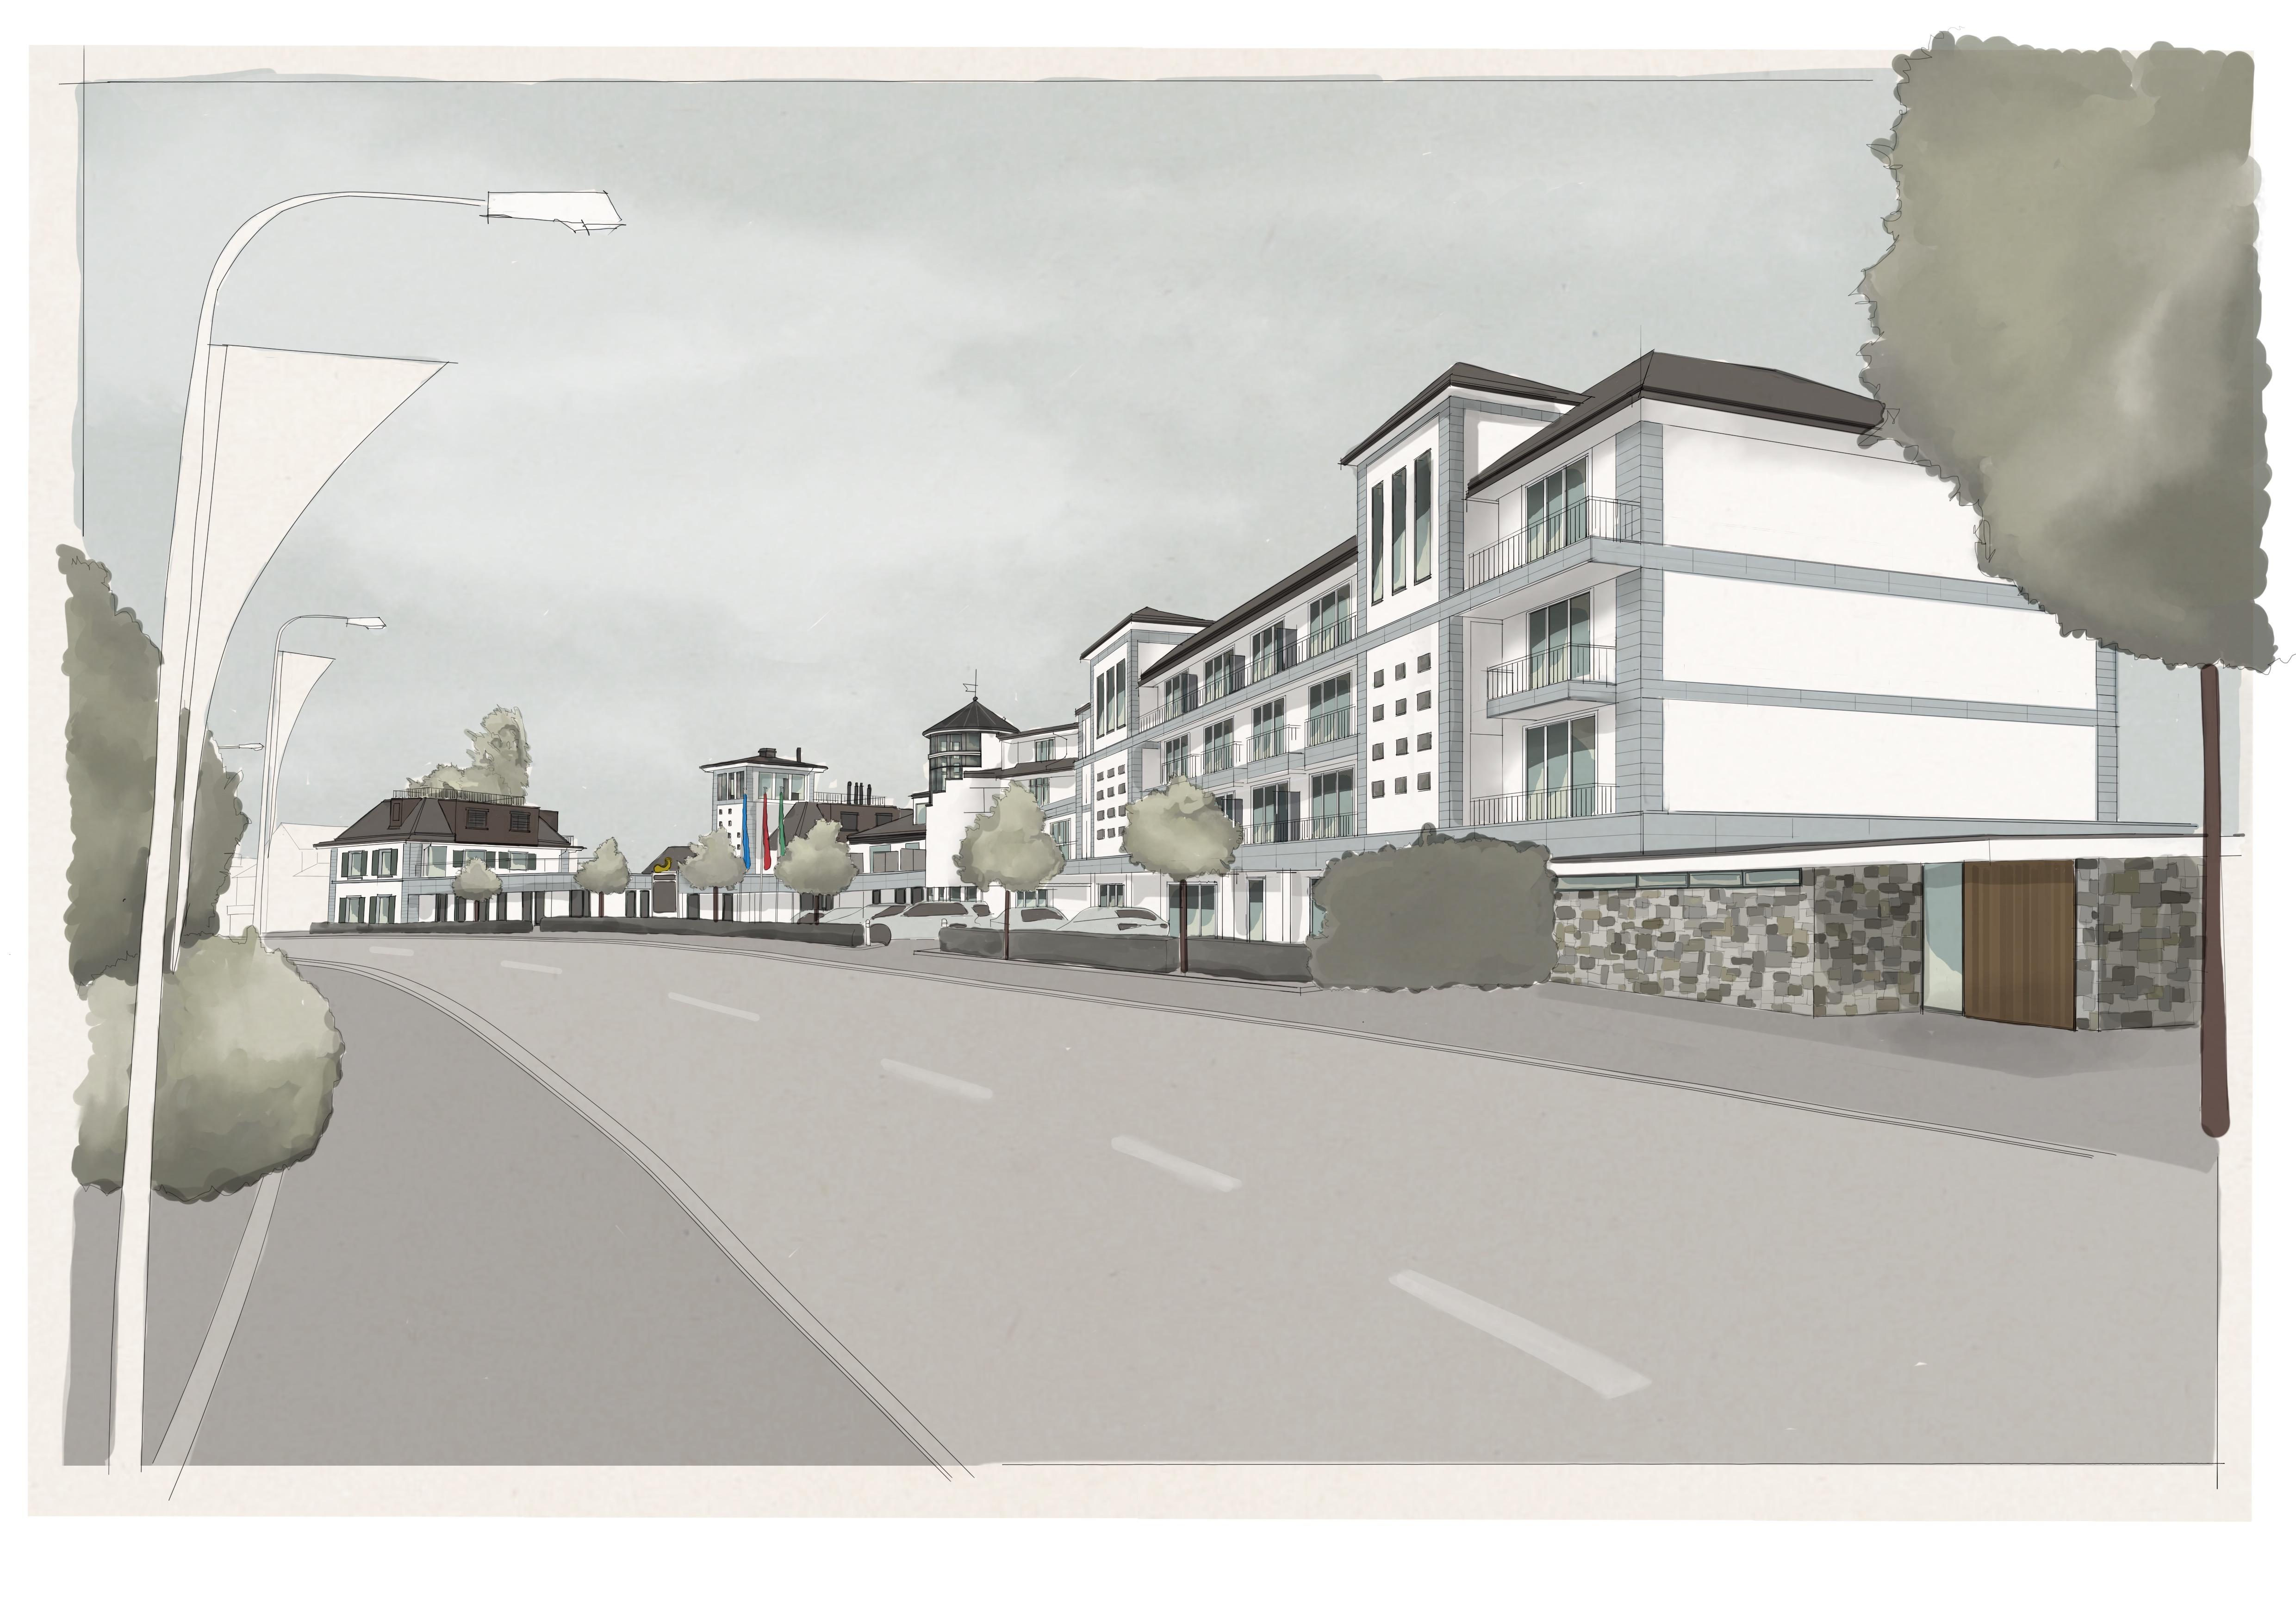 Bad Horn Hotel & Spa: Visualisierung Modulbau   Krattiger Holzbau AG Amriswil